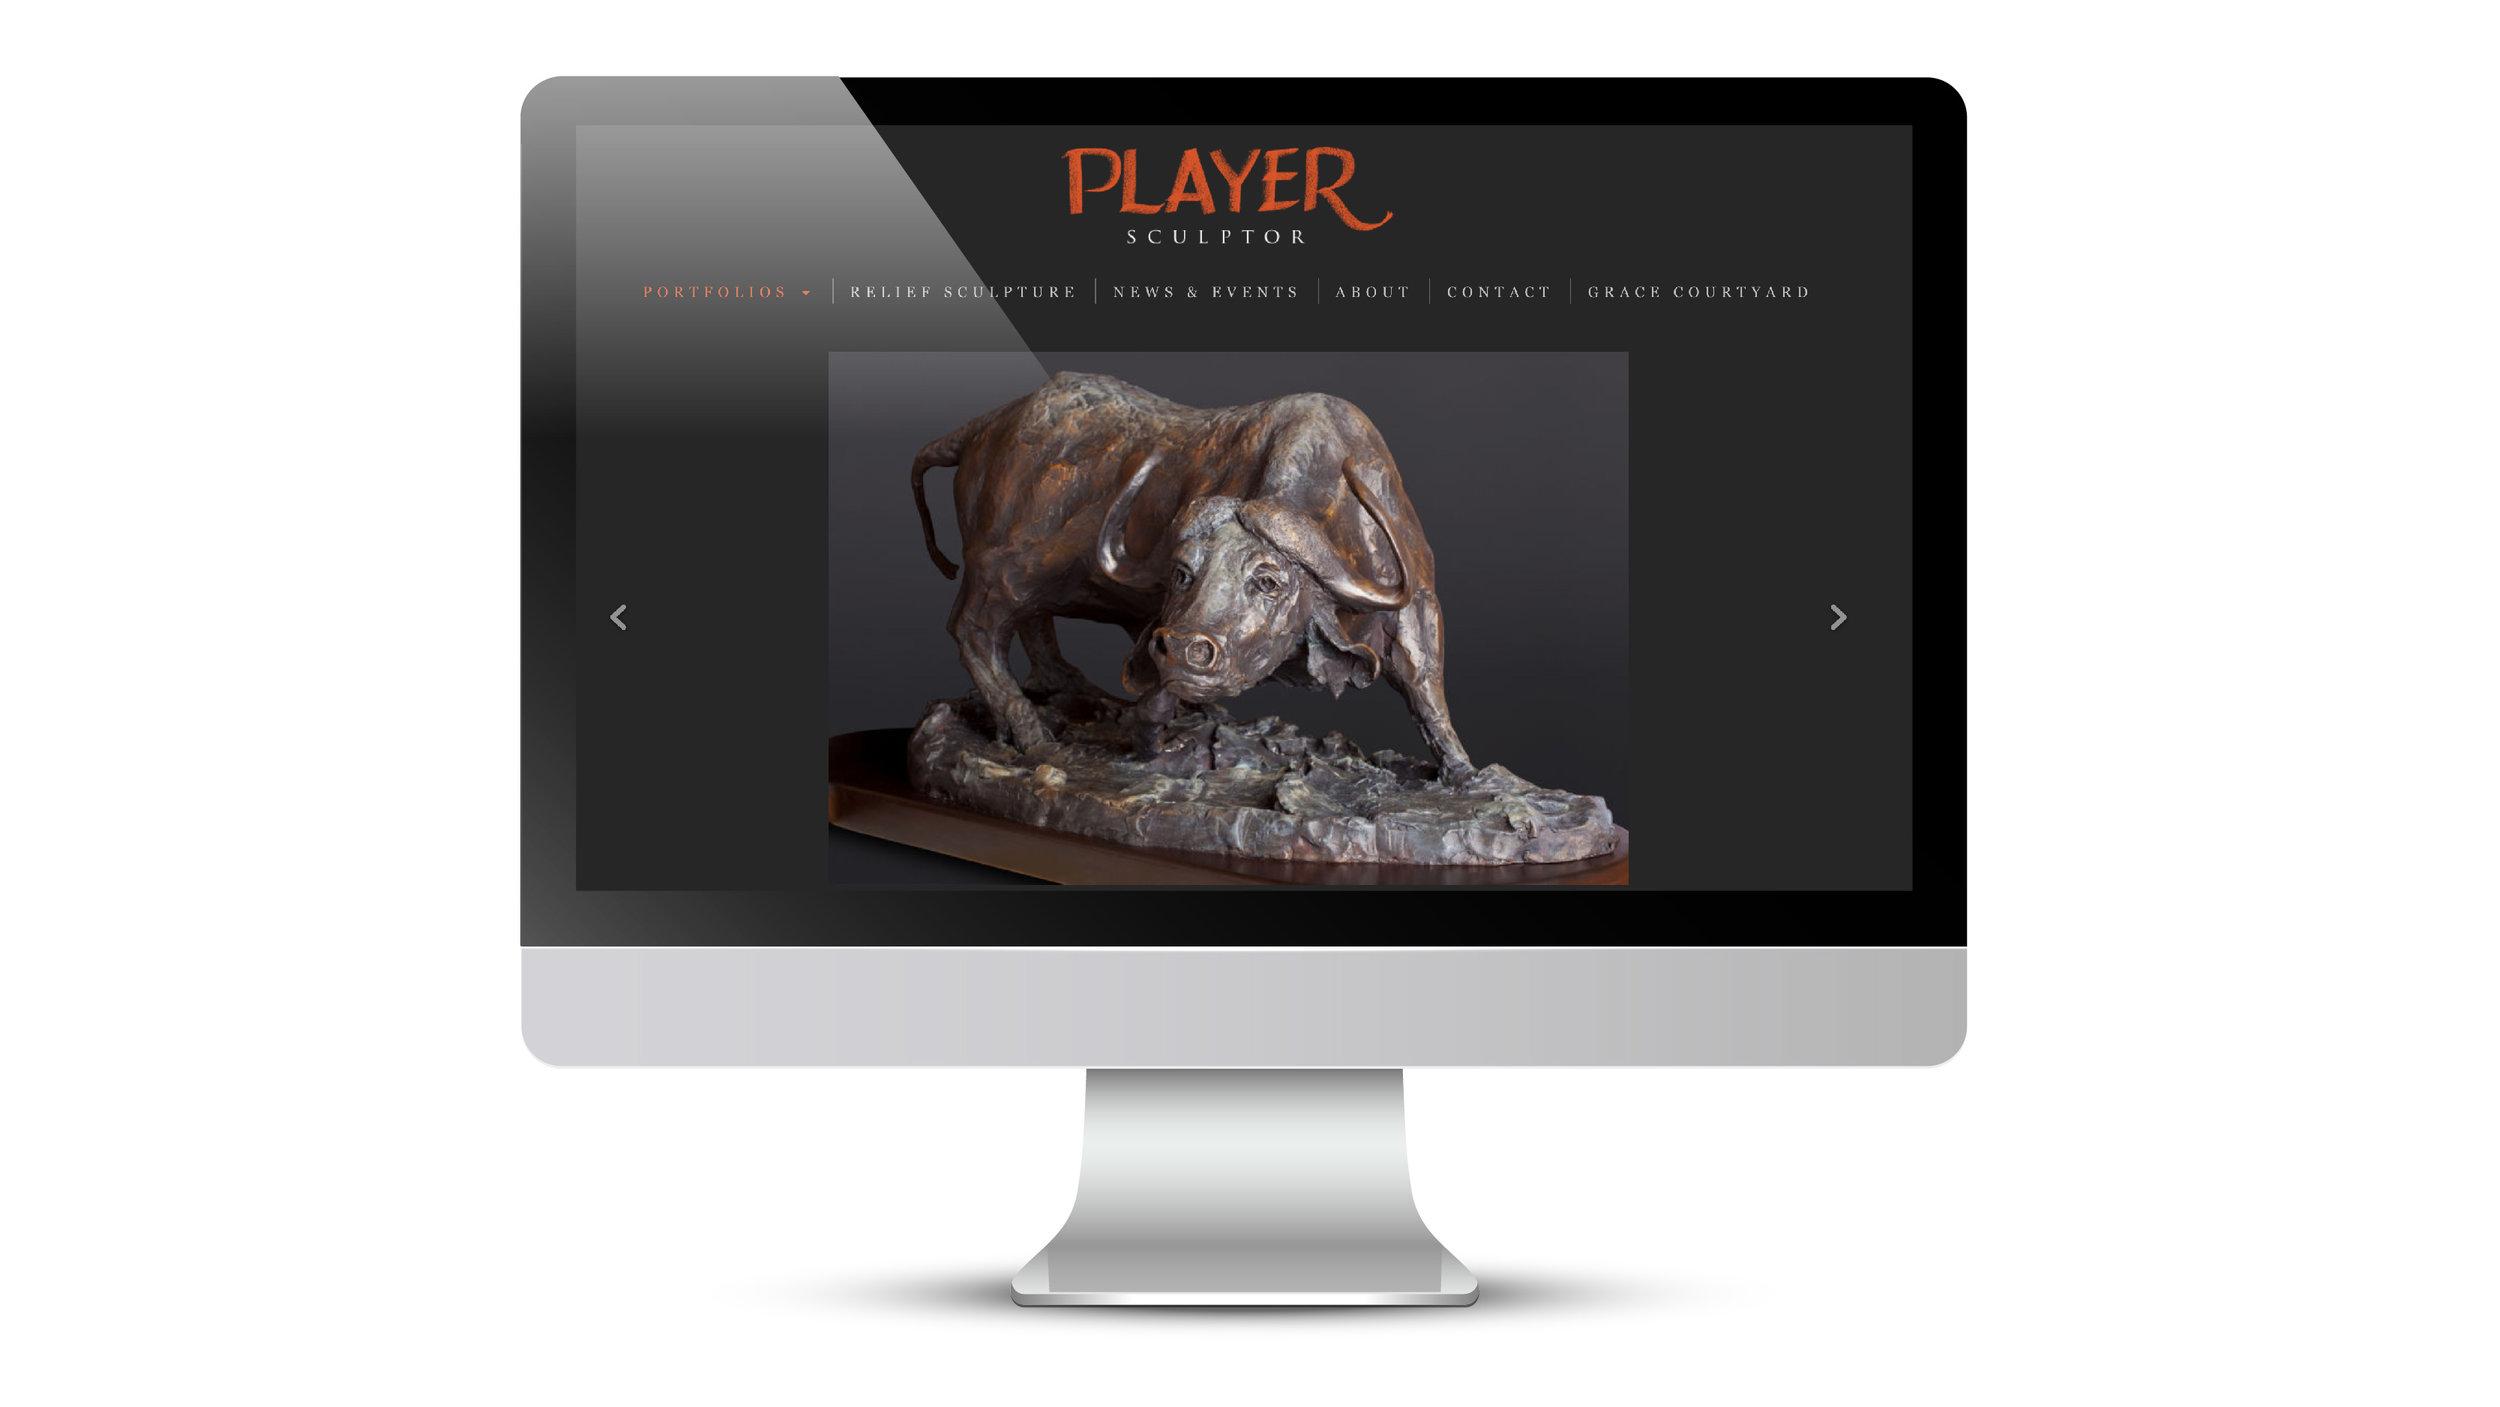 PlayerBronze-03.jpg